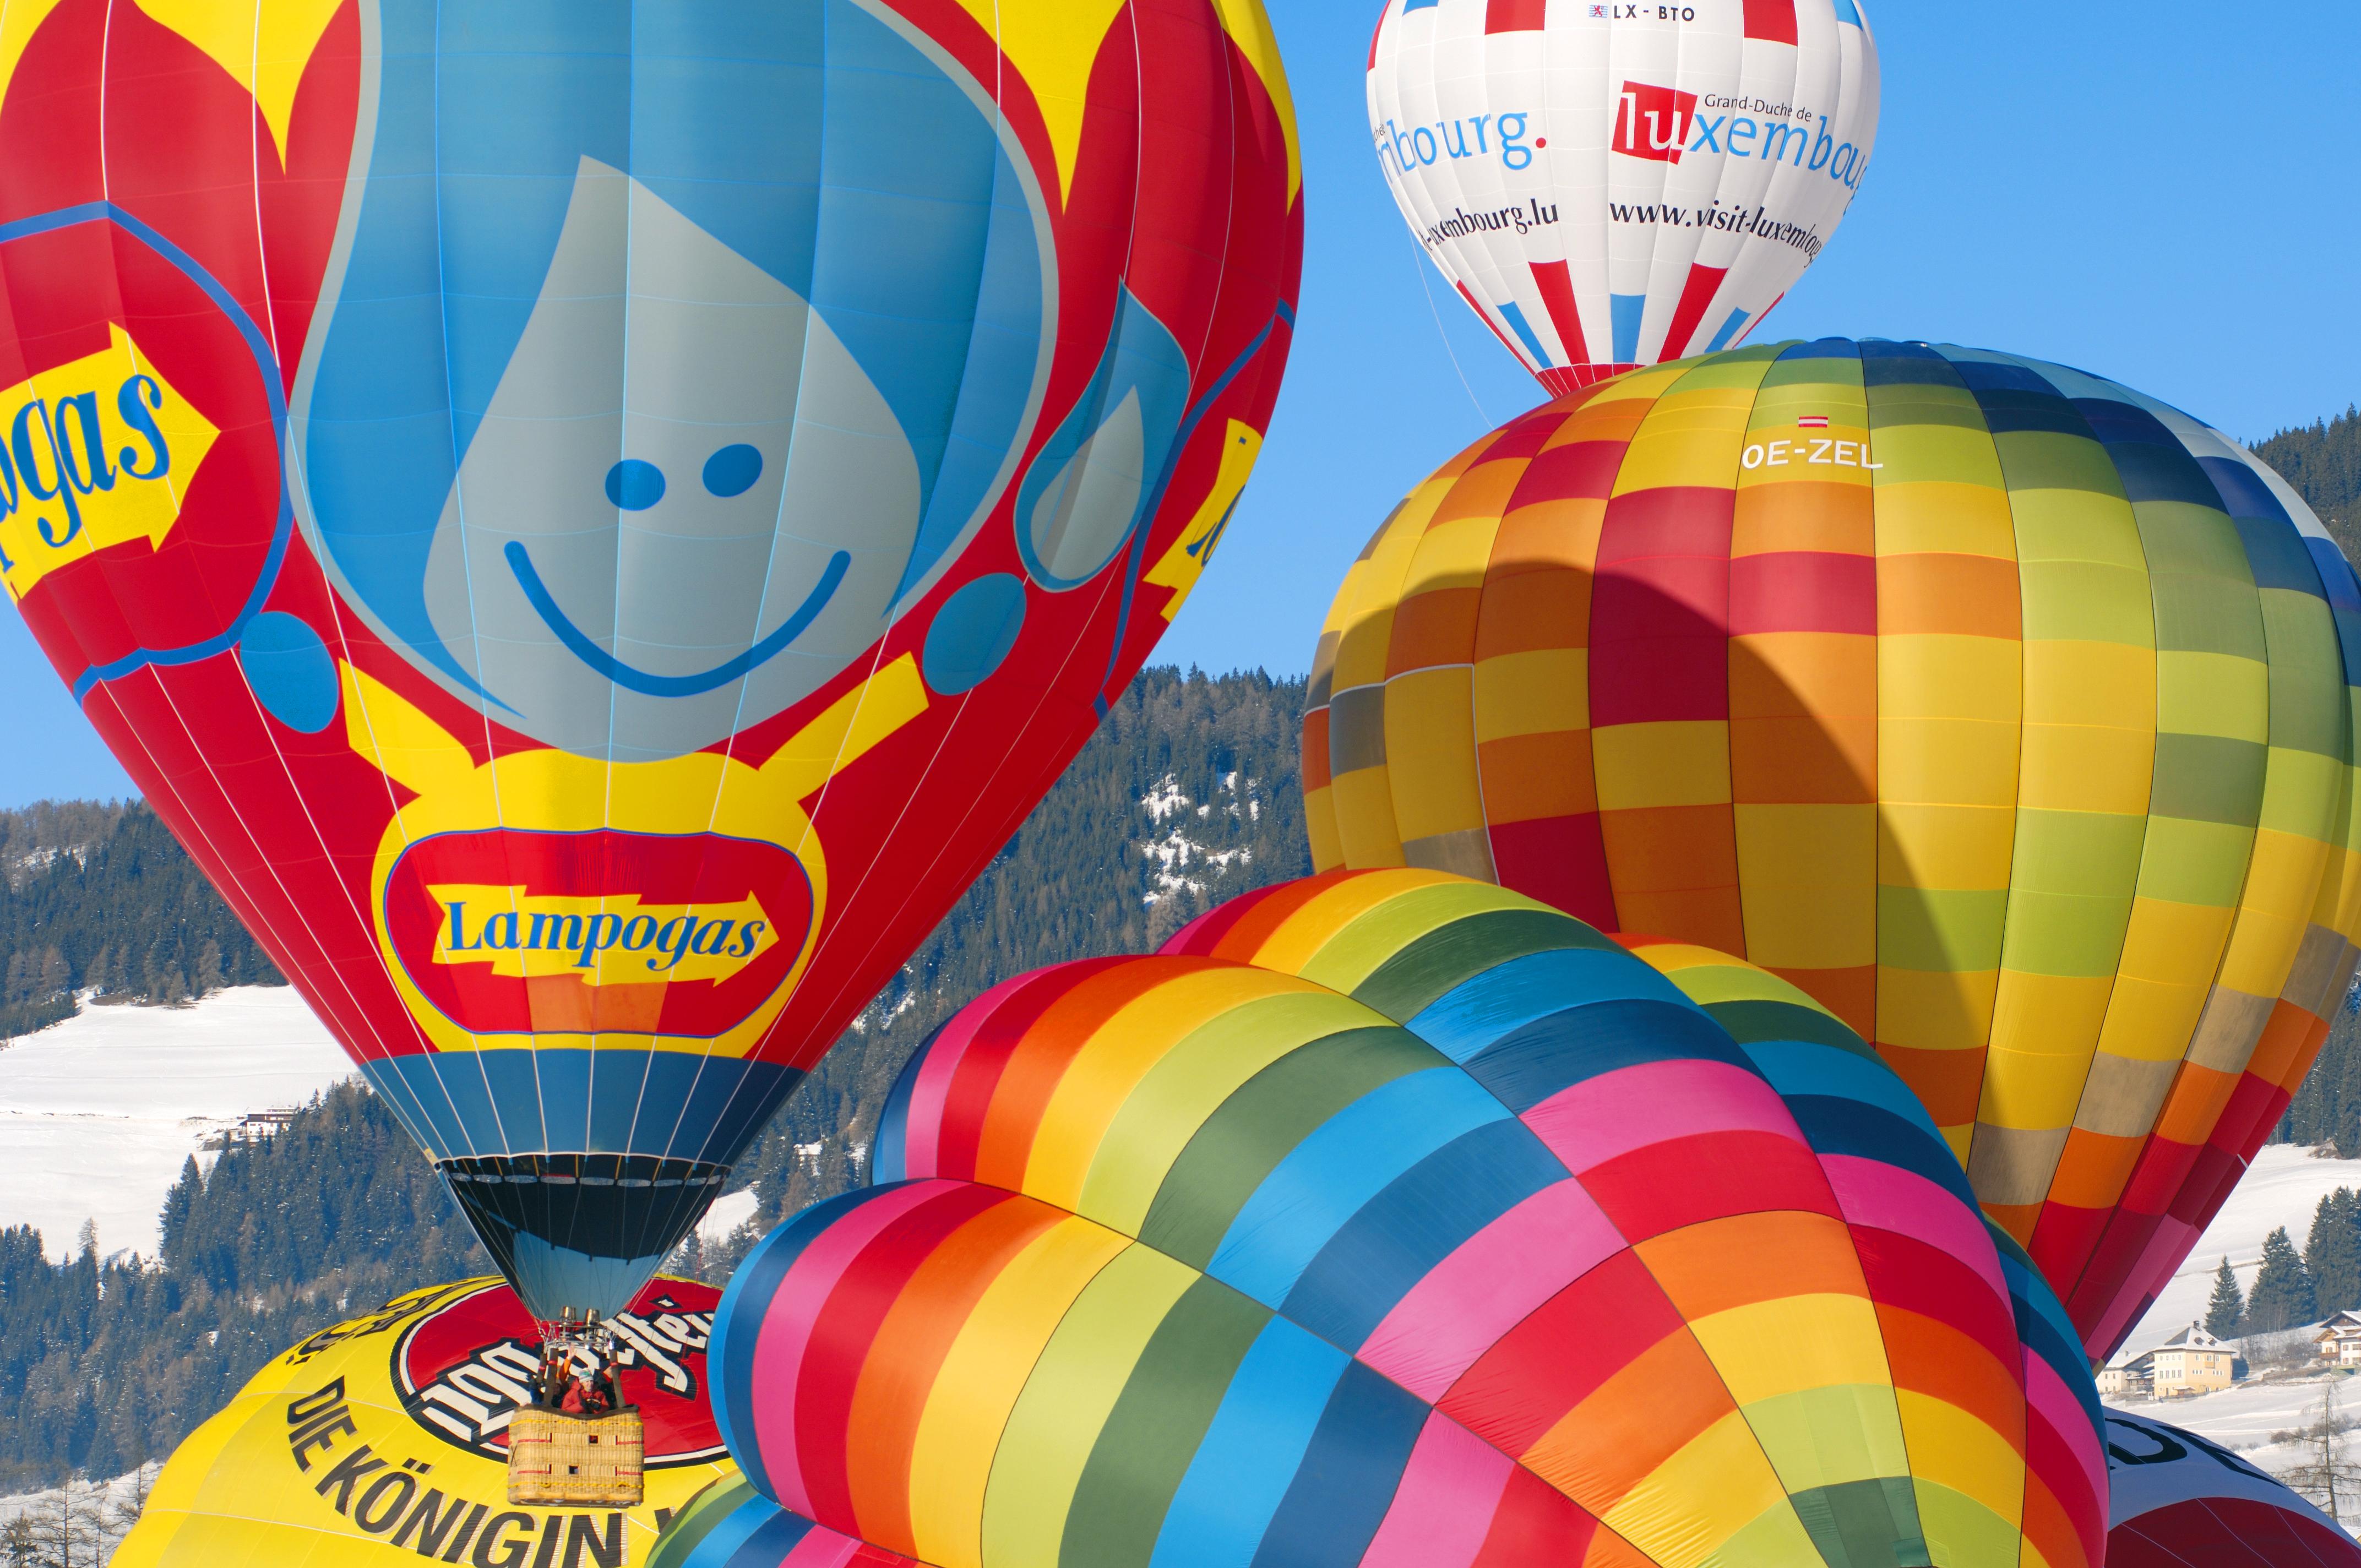 Bunt zu und hoch her beim Dolomiti Balloonfestival im Hochpustertal